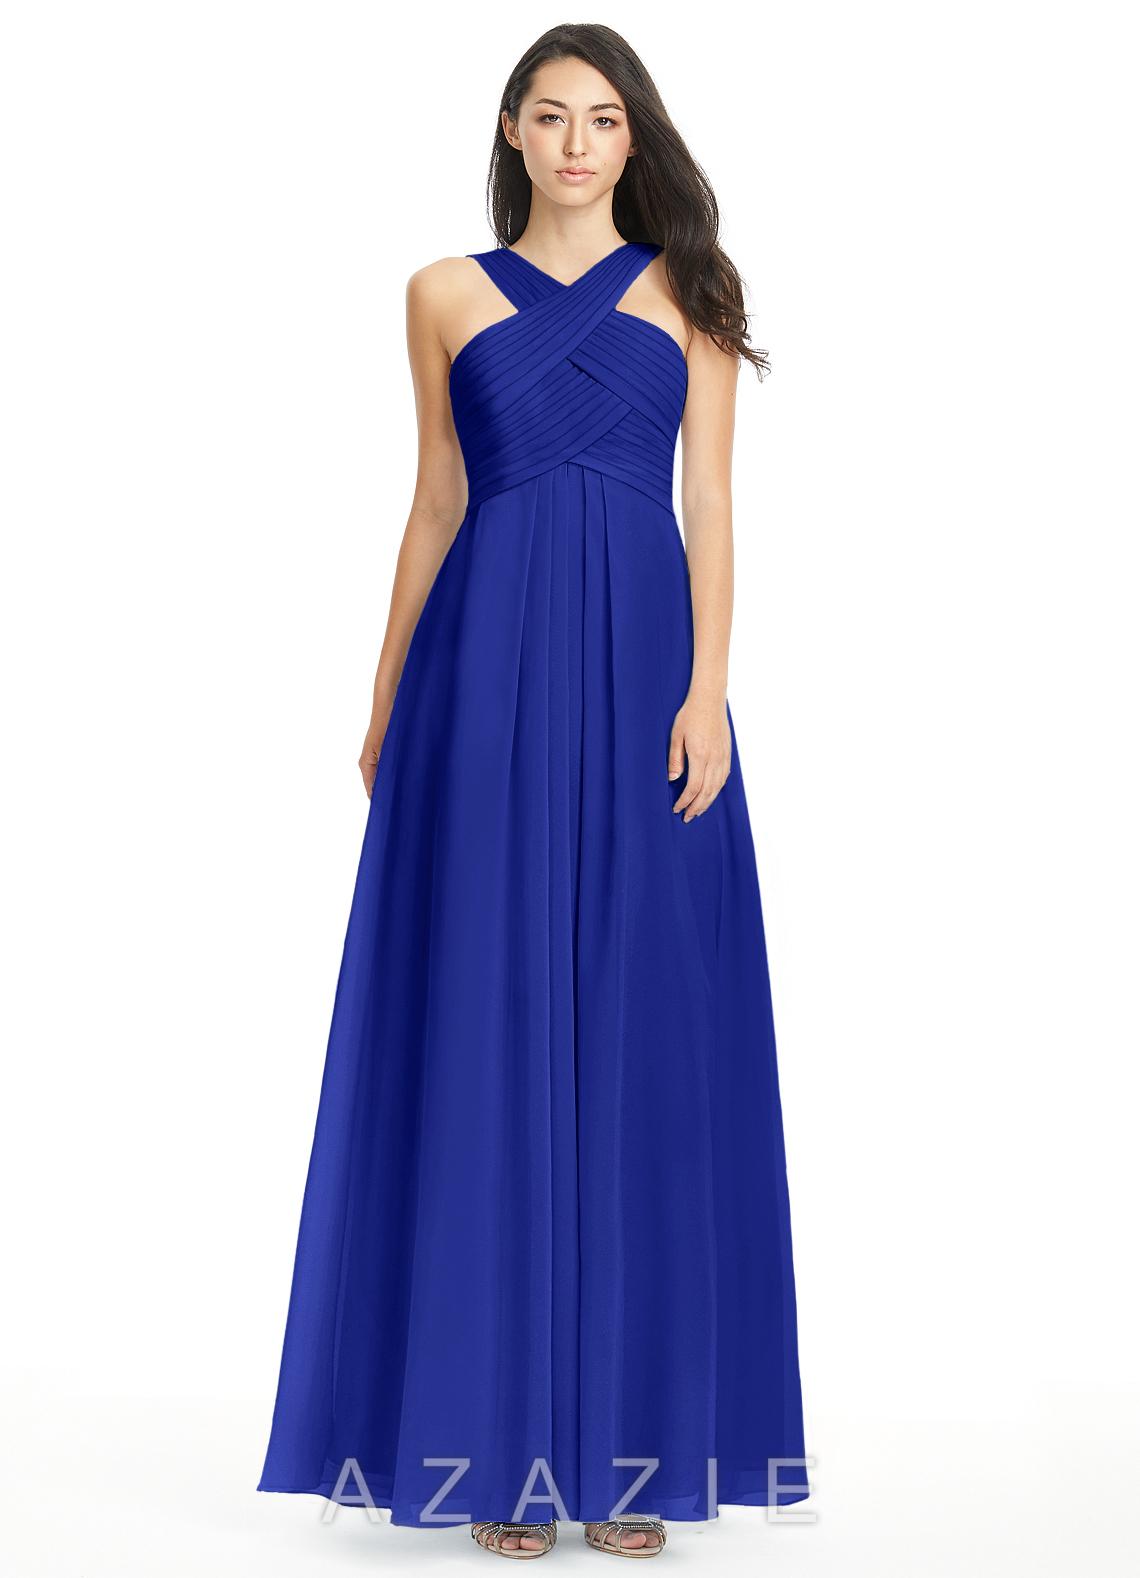 Azazie kaleigh bridesmaid dress azazie for Blue green wedding dress